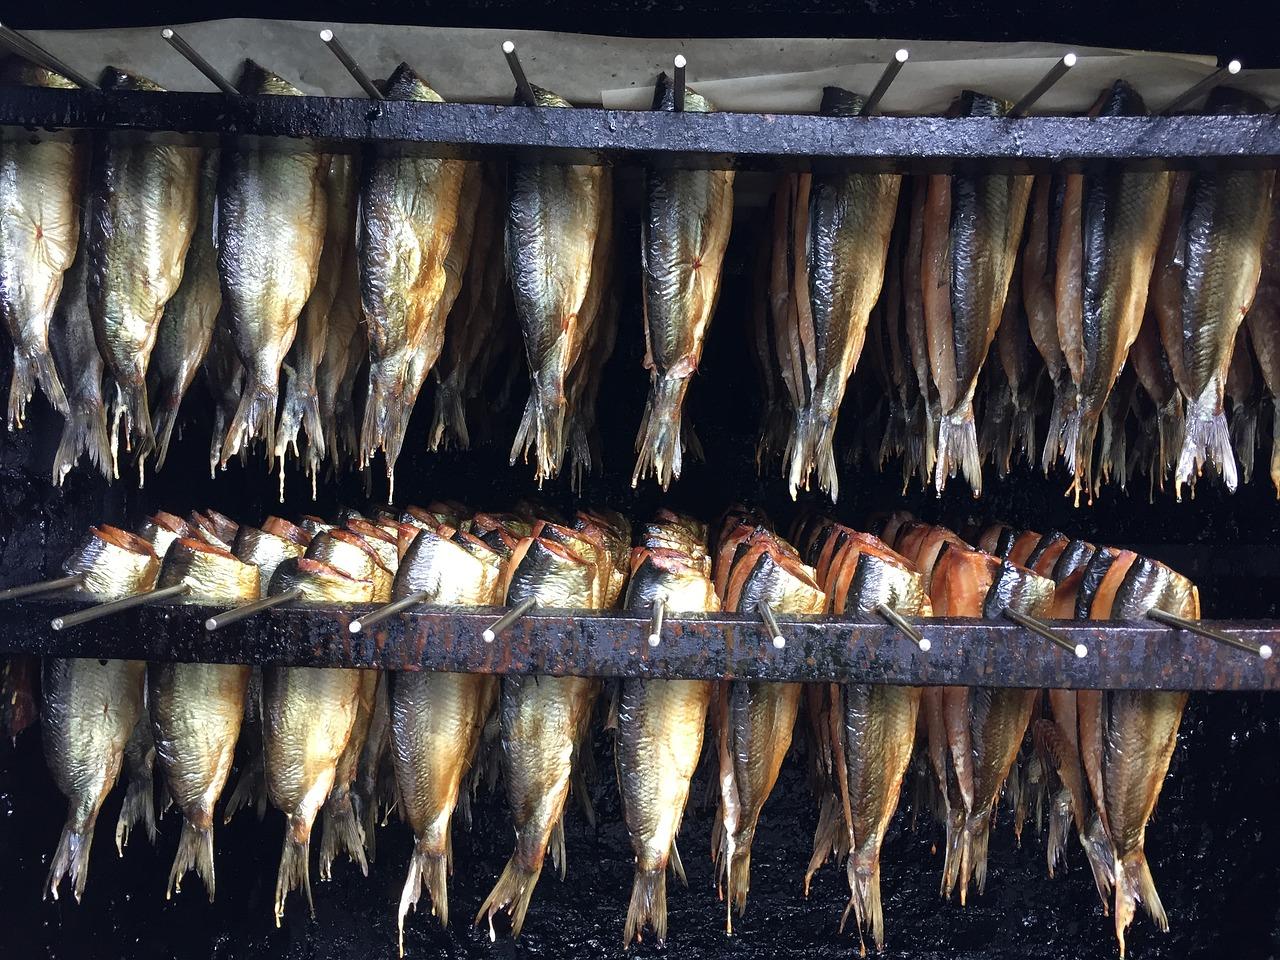 comidas tipicas da letonia Kūpināta Zivs